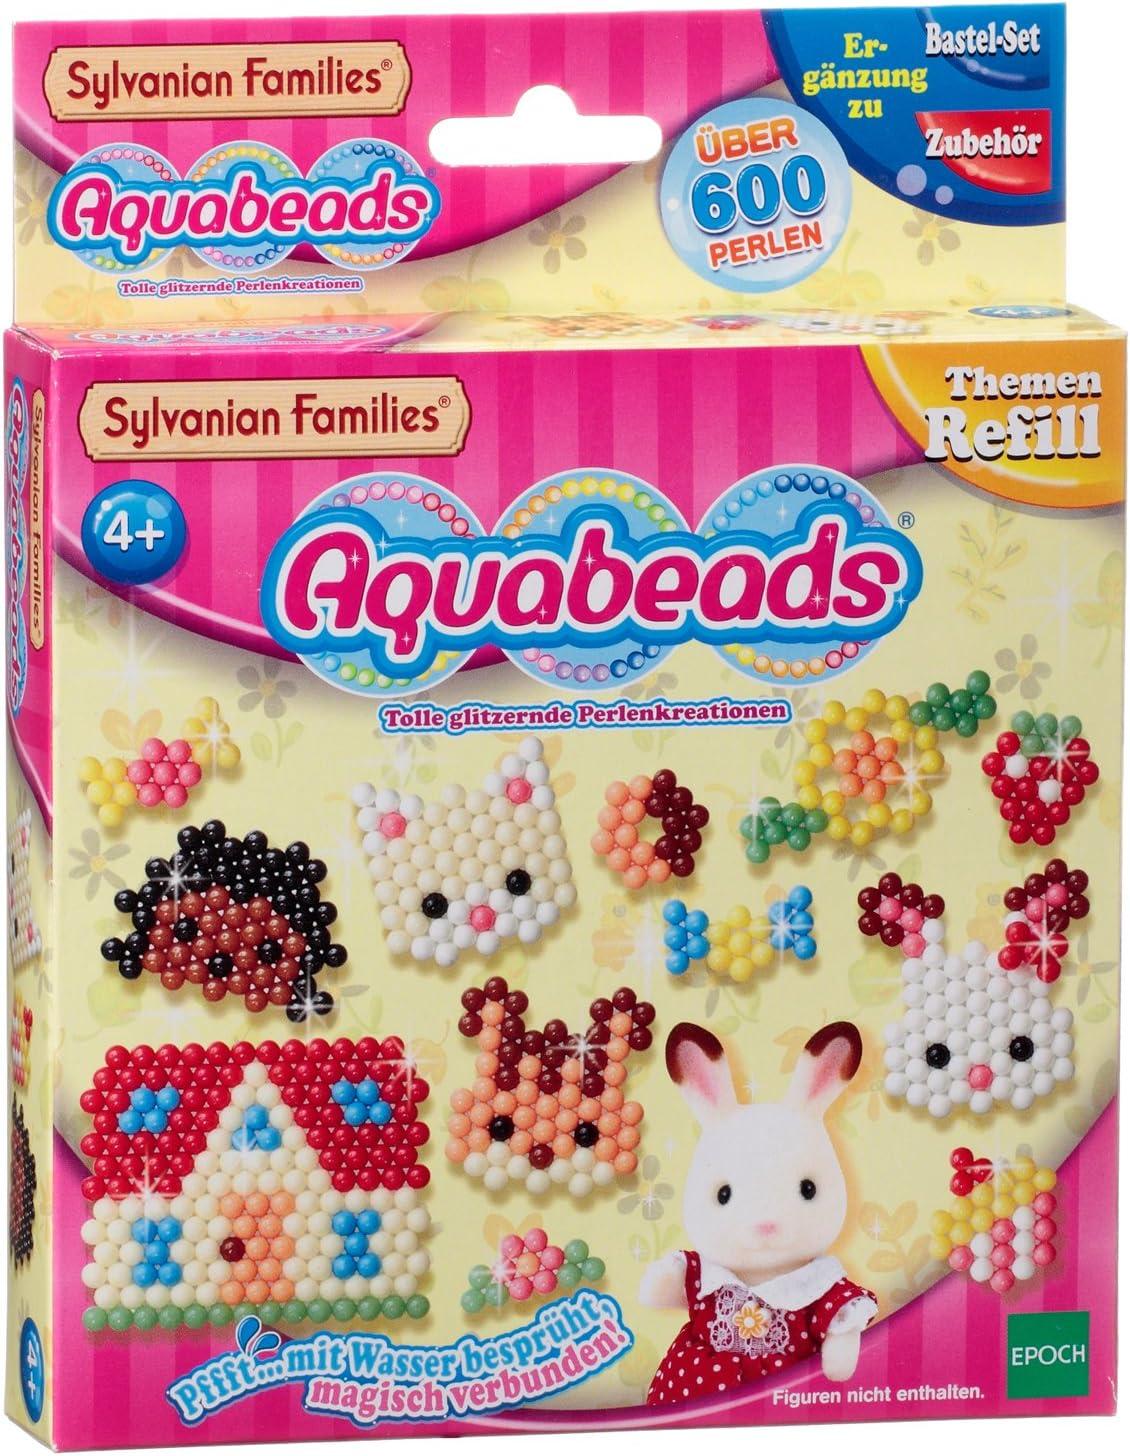 Aquabeads 79418 kit de joyería para niños - Kits de joyería para niños (Juego de perlas, 4 año(s), 600 pieza(s), Multicolor, Niño, Chica) , color/modelo surtido: Amazon.es: Juguetes y juegos